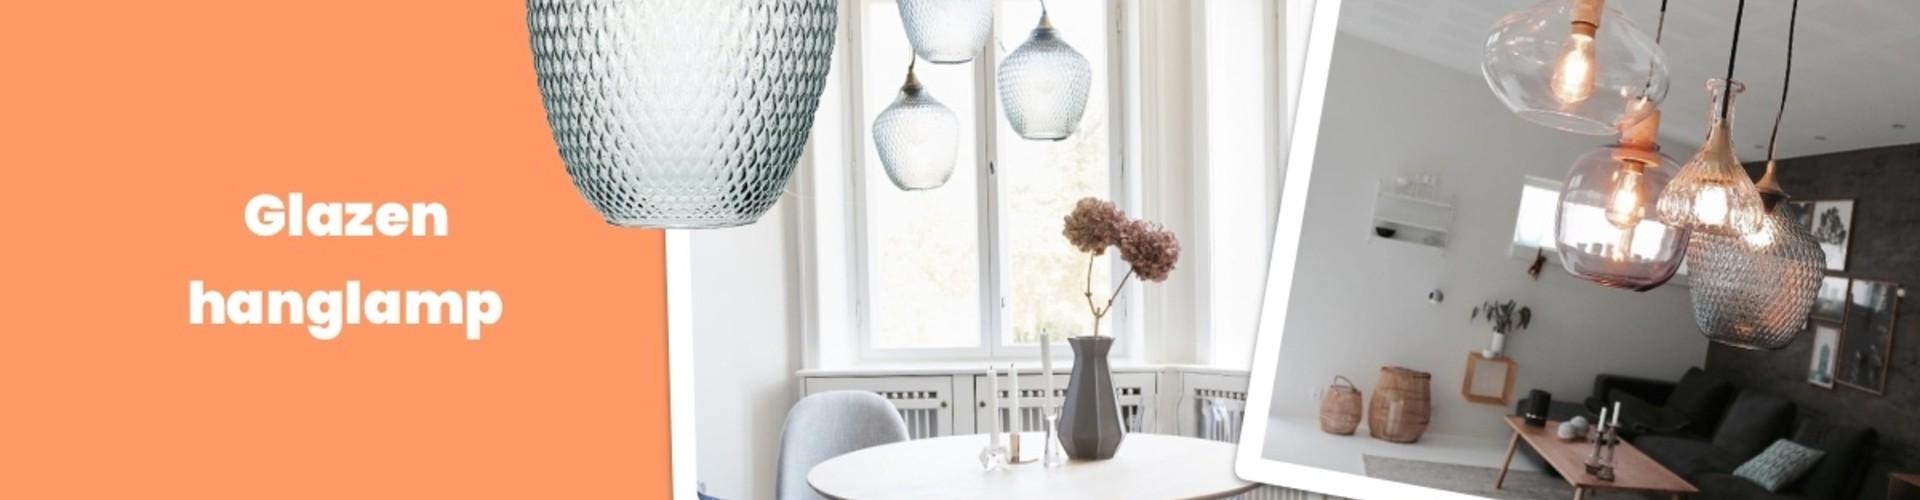 Trend alert: glazen hanglamp